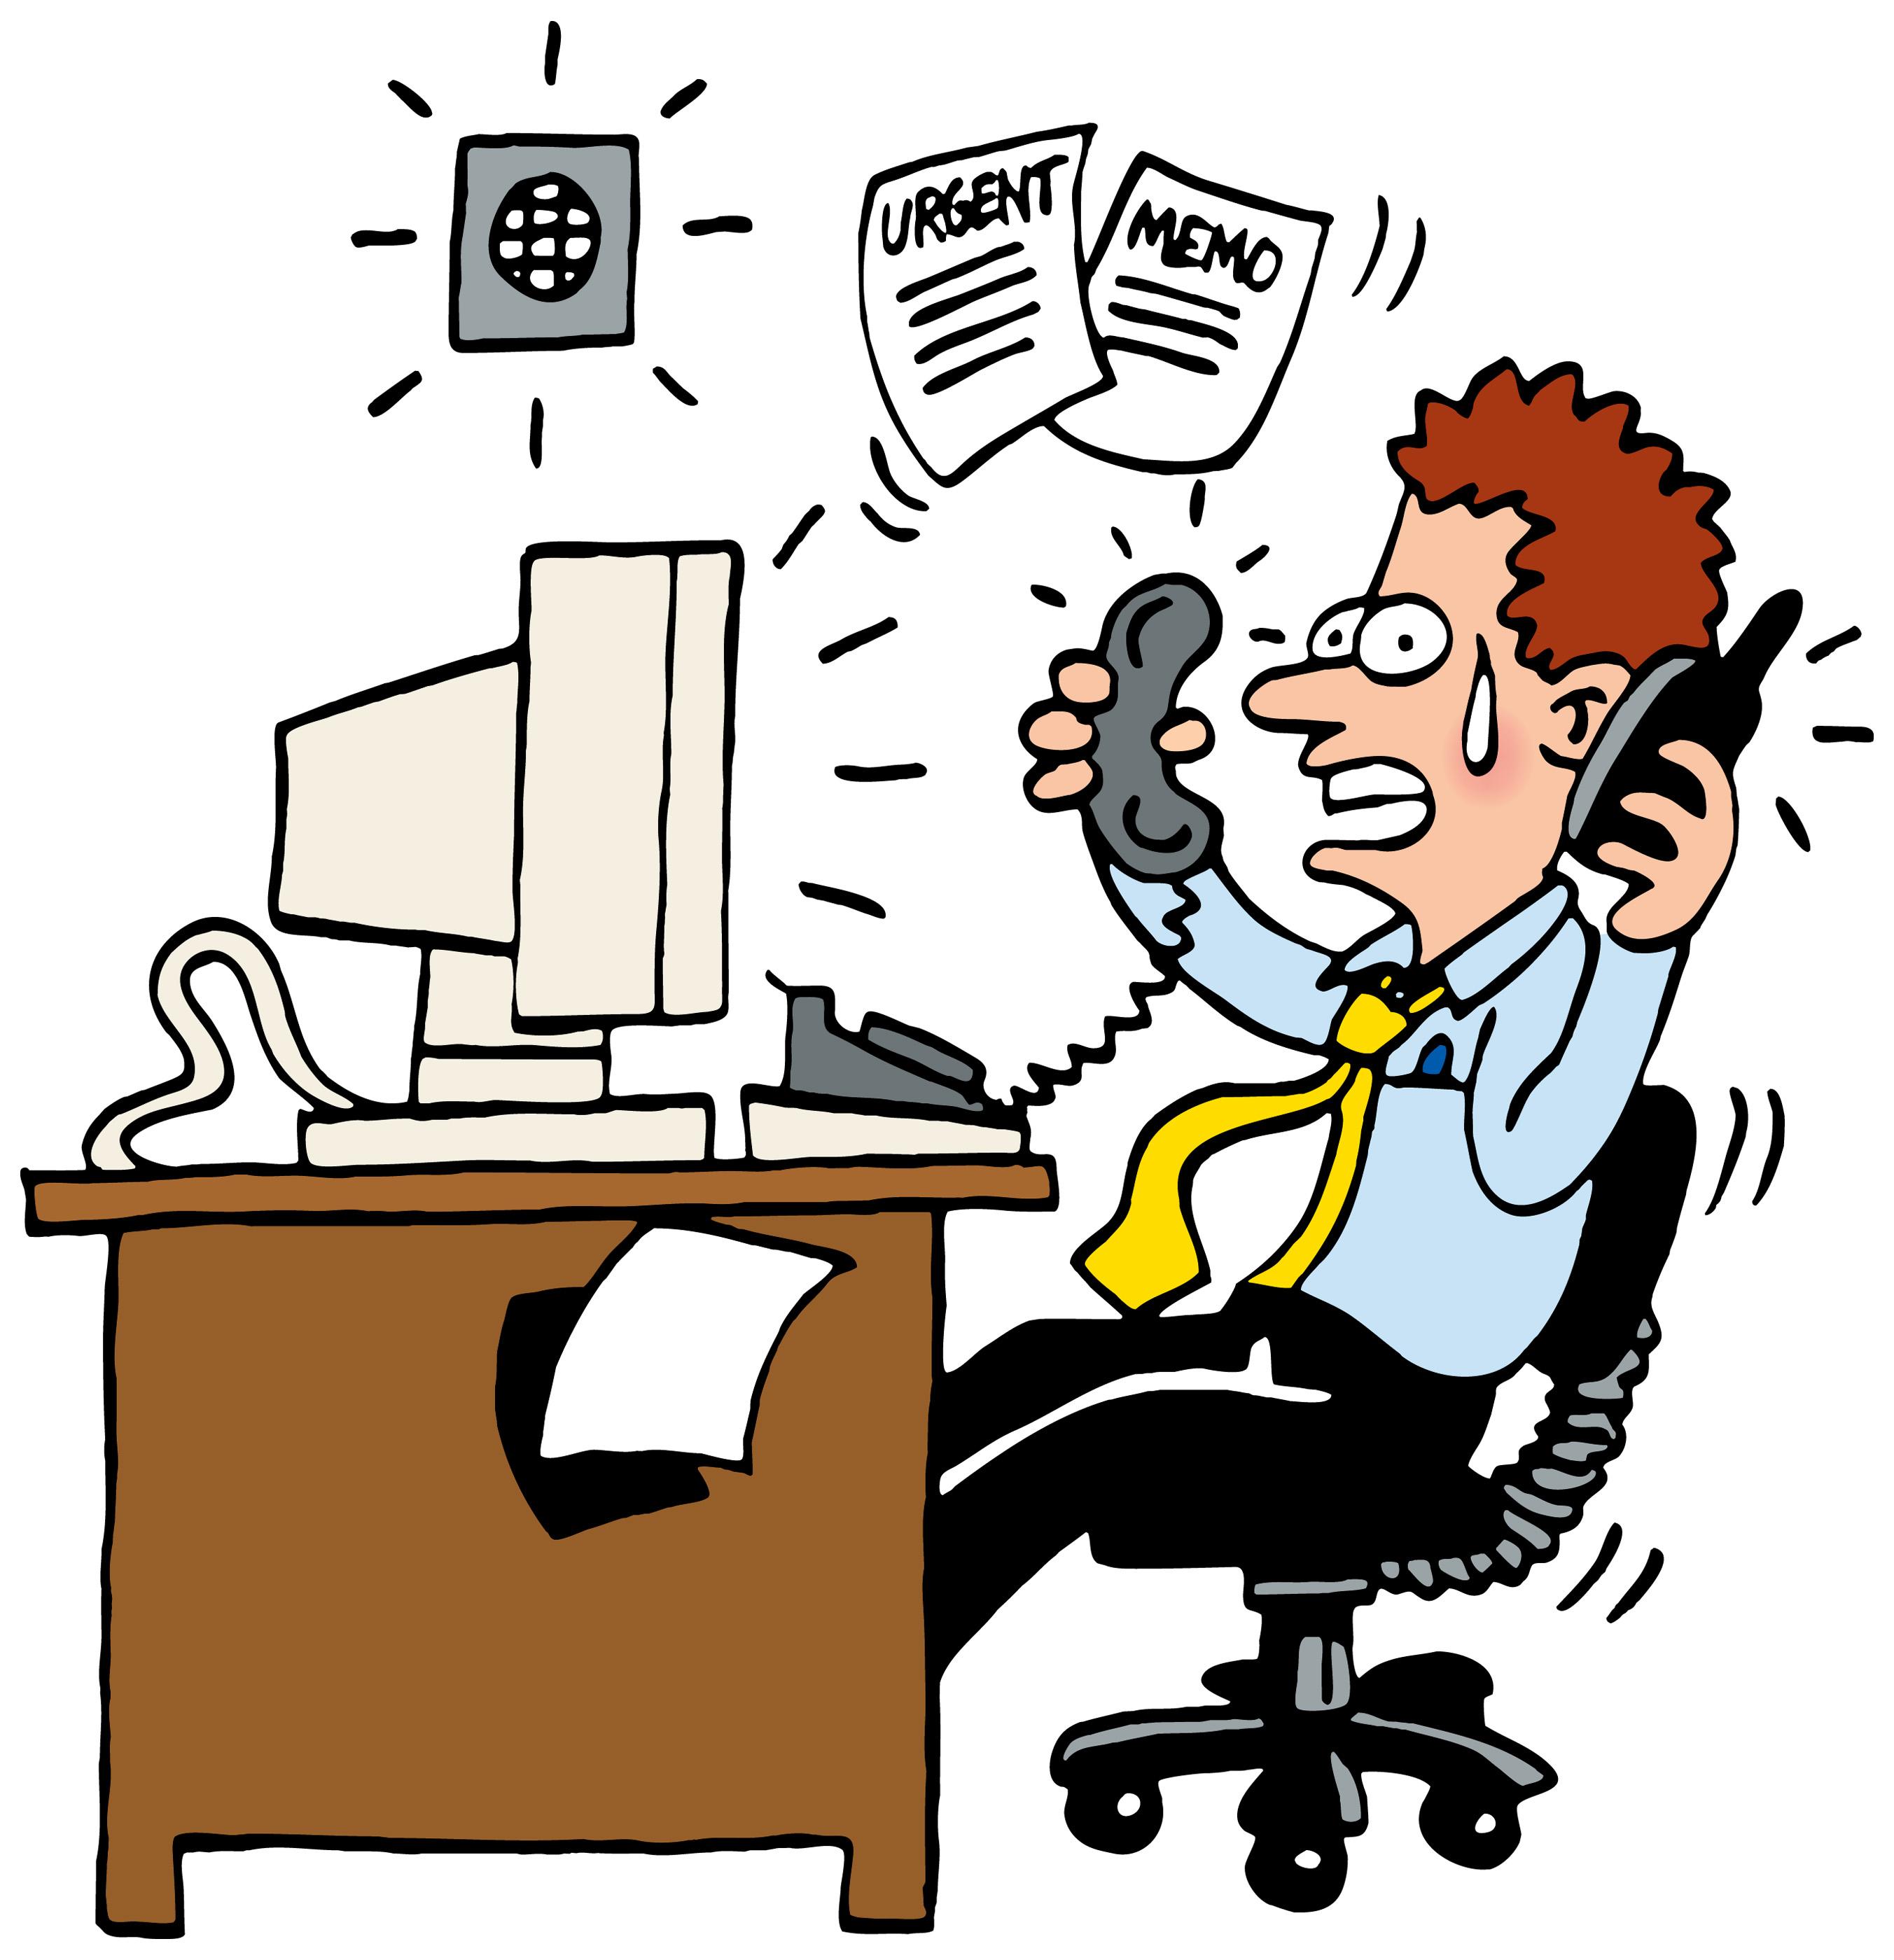 Gambar Stress-Gambar Stress-4